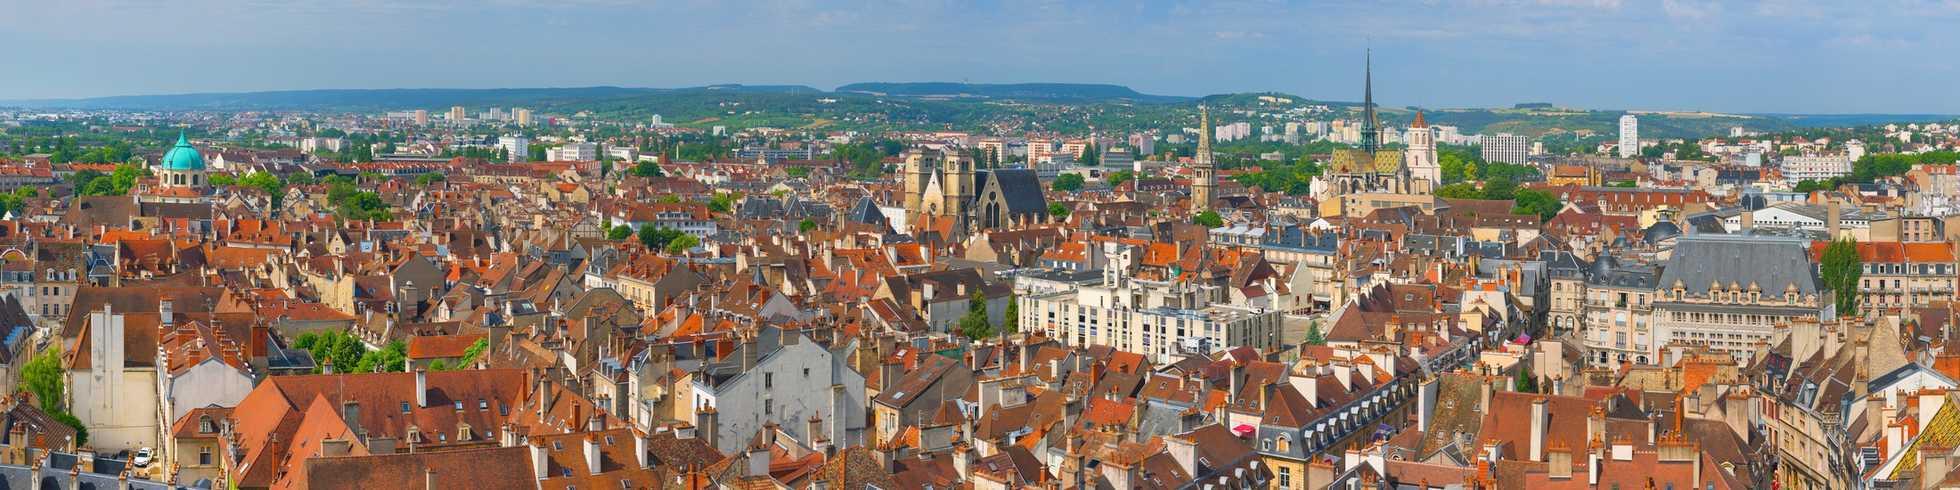 Dijon vue panoramique